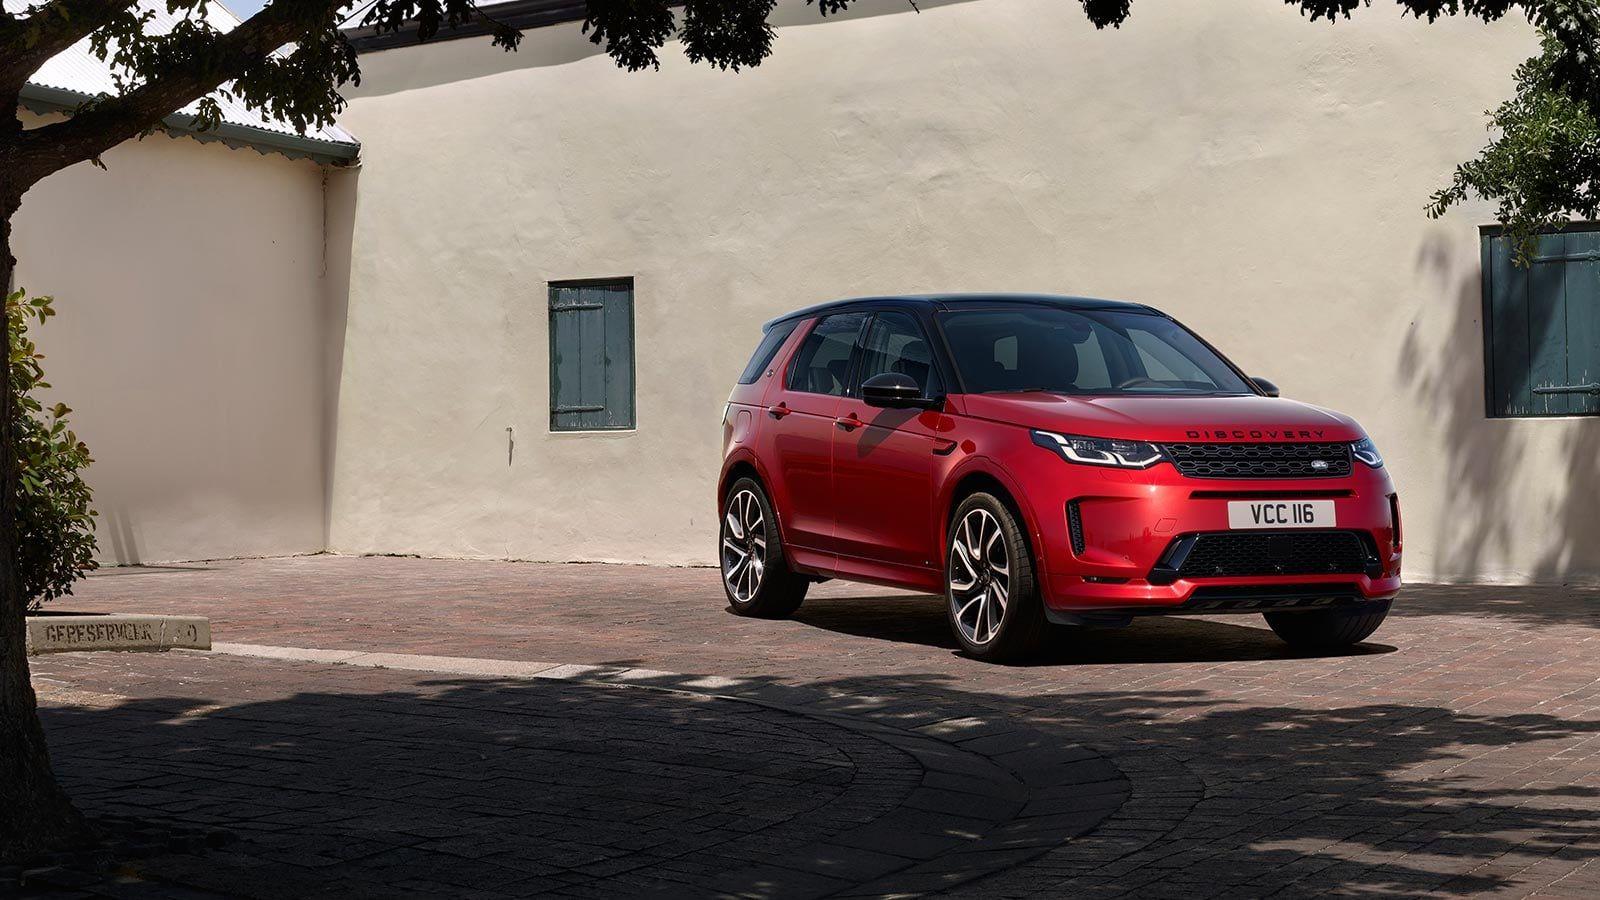 Voitures 4x4 de Luxe au Design Unique | Land Rover Algérie